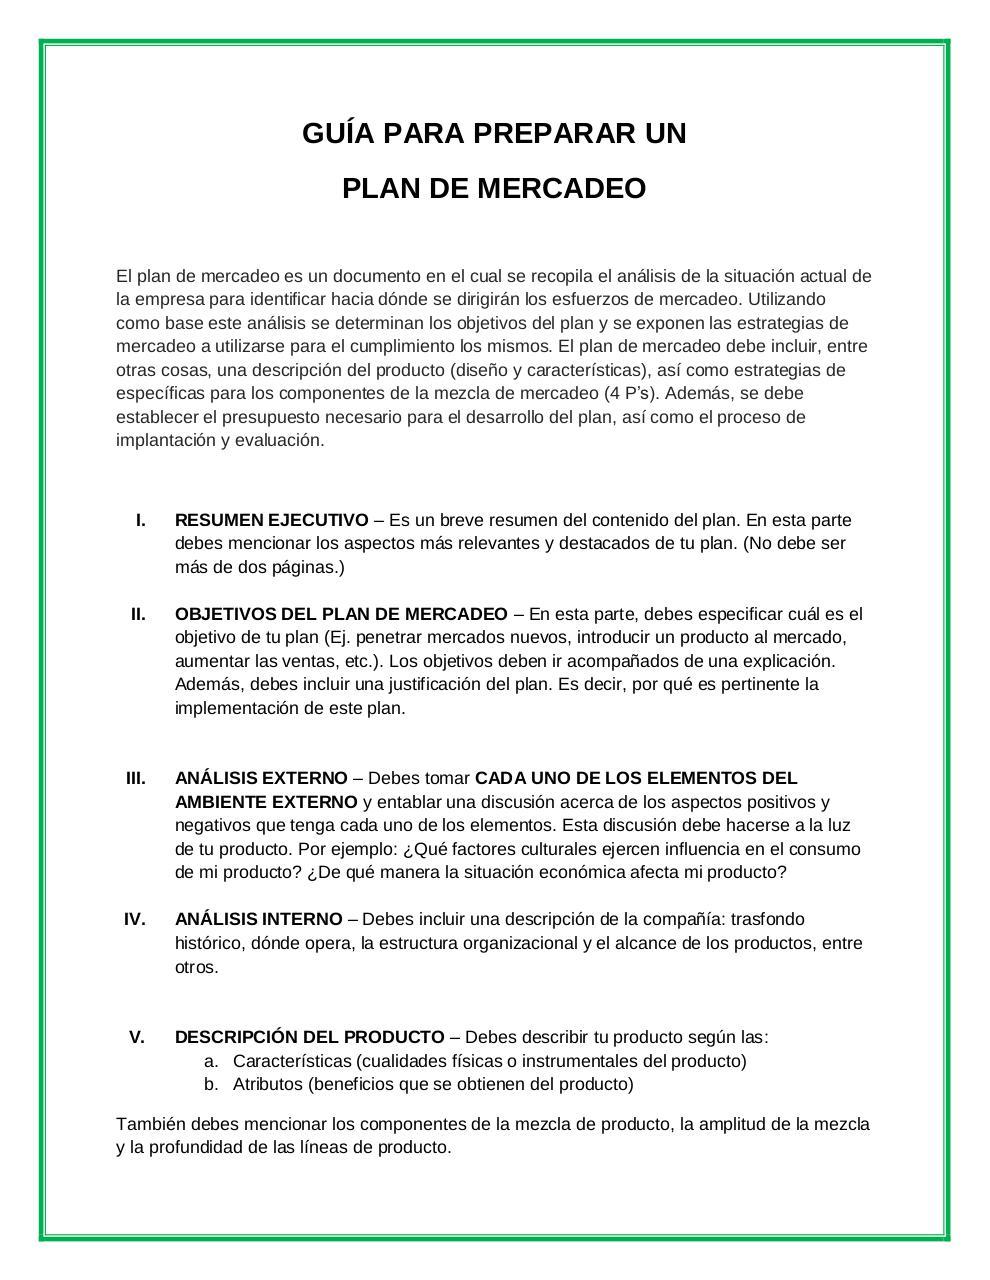 Moderno Resumen Resume Ejemplos De Marketing Colección de Imágenes ...